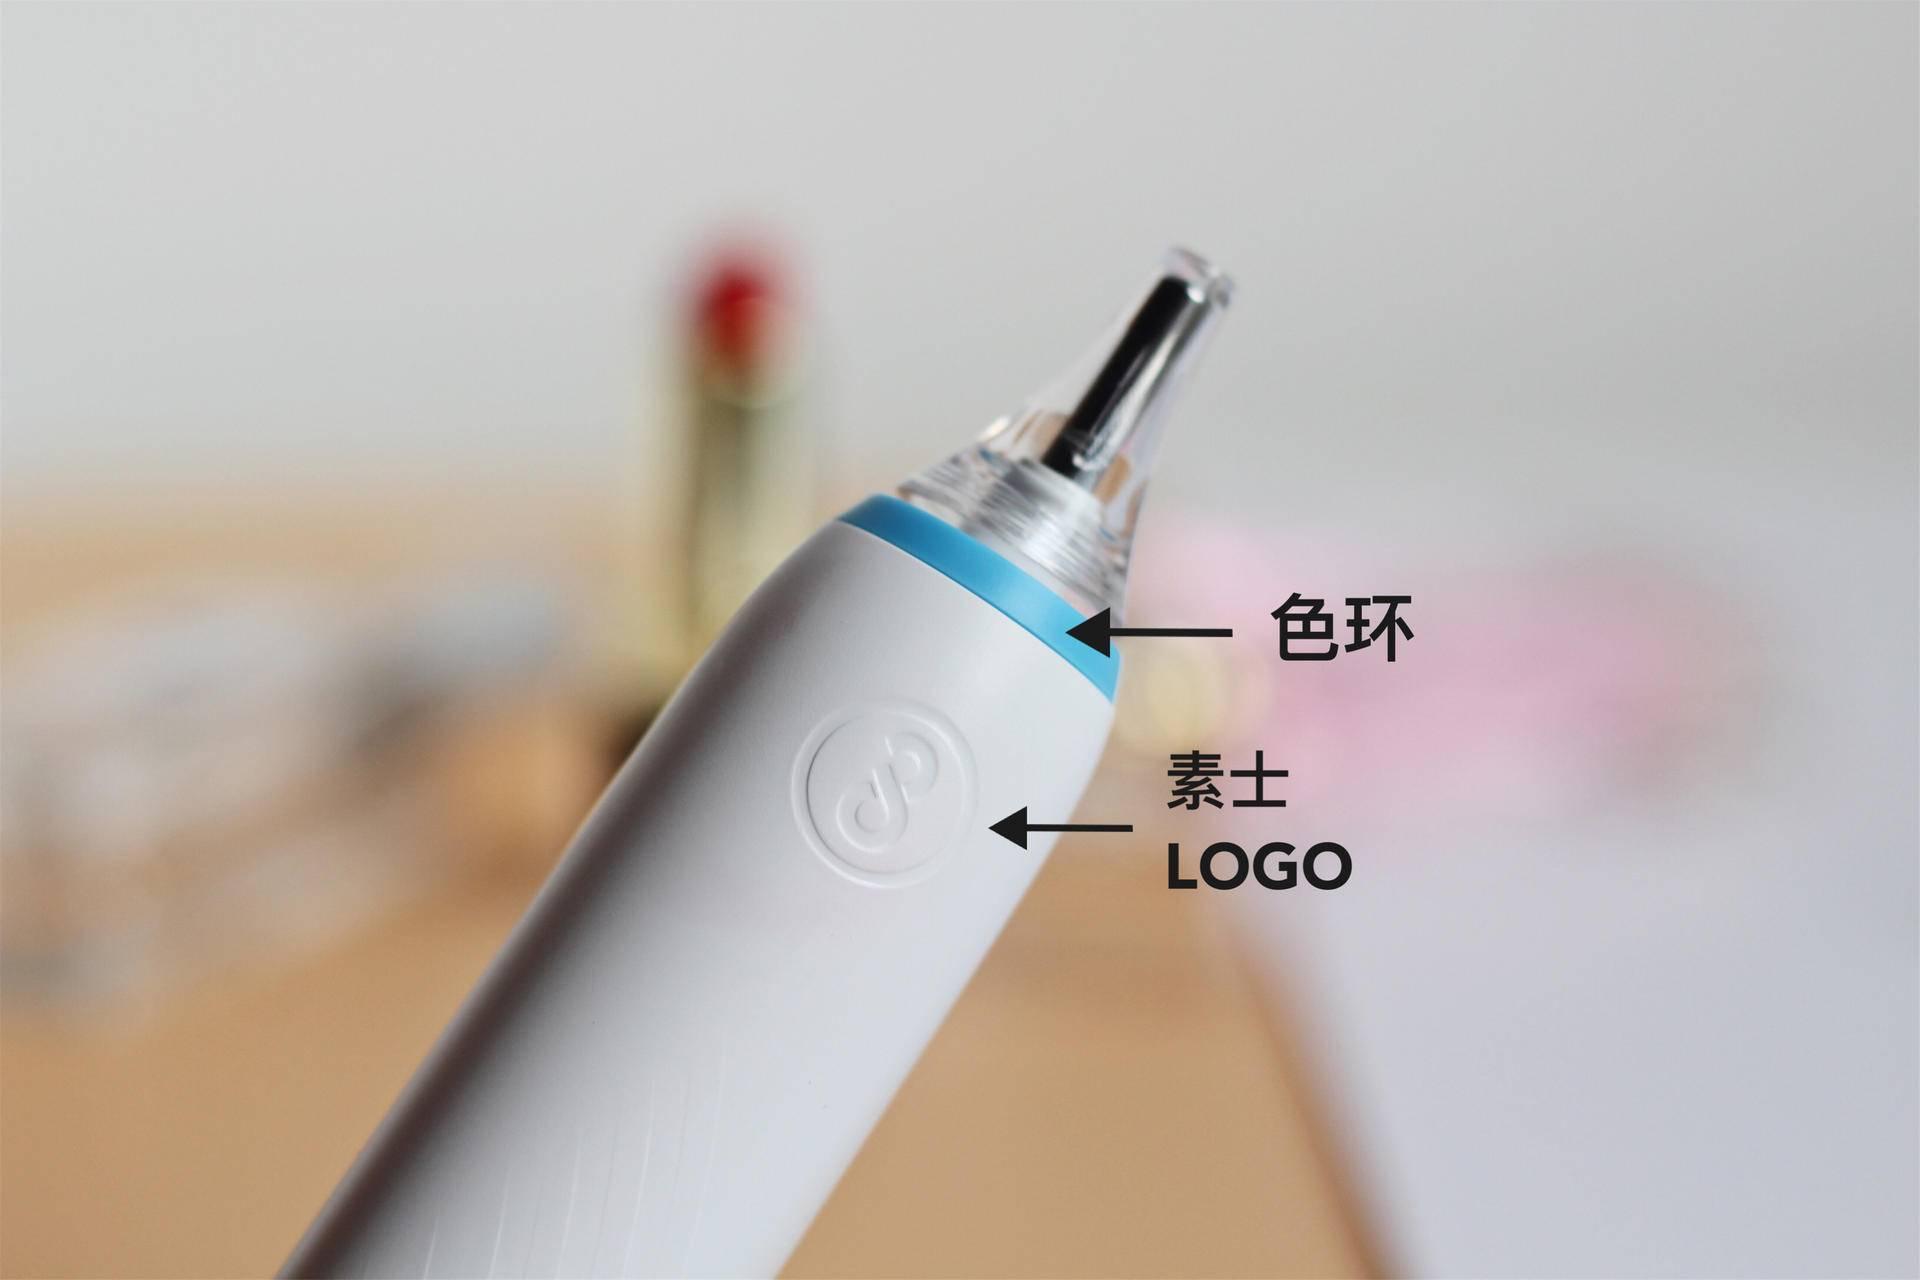 声波v声波,从口腔a声波开始--素士品质电动牙刷(ps绘制逼真砚台和ai图片